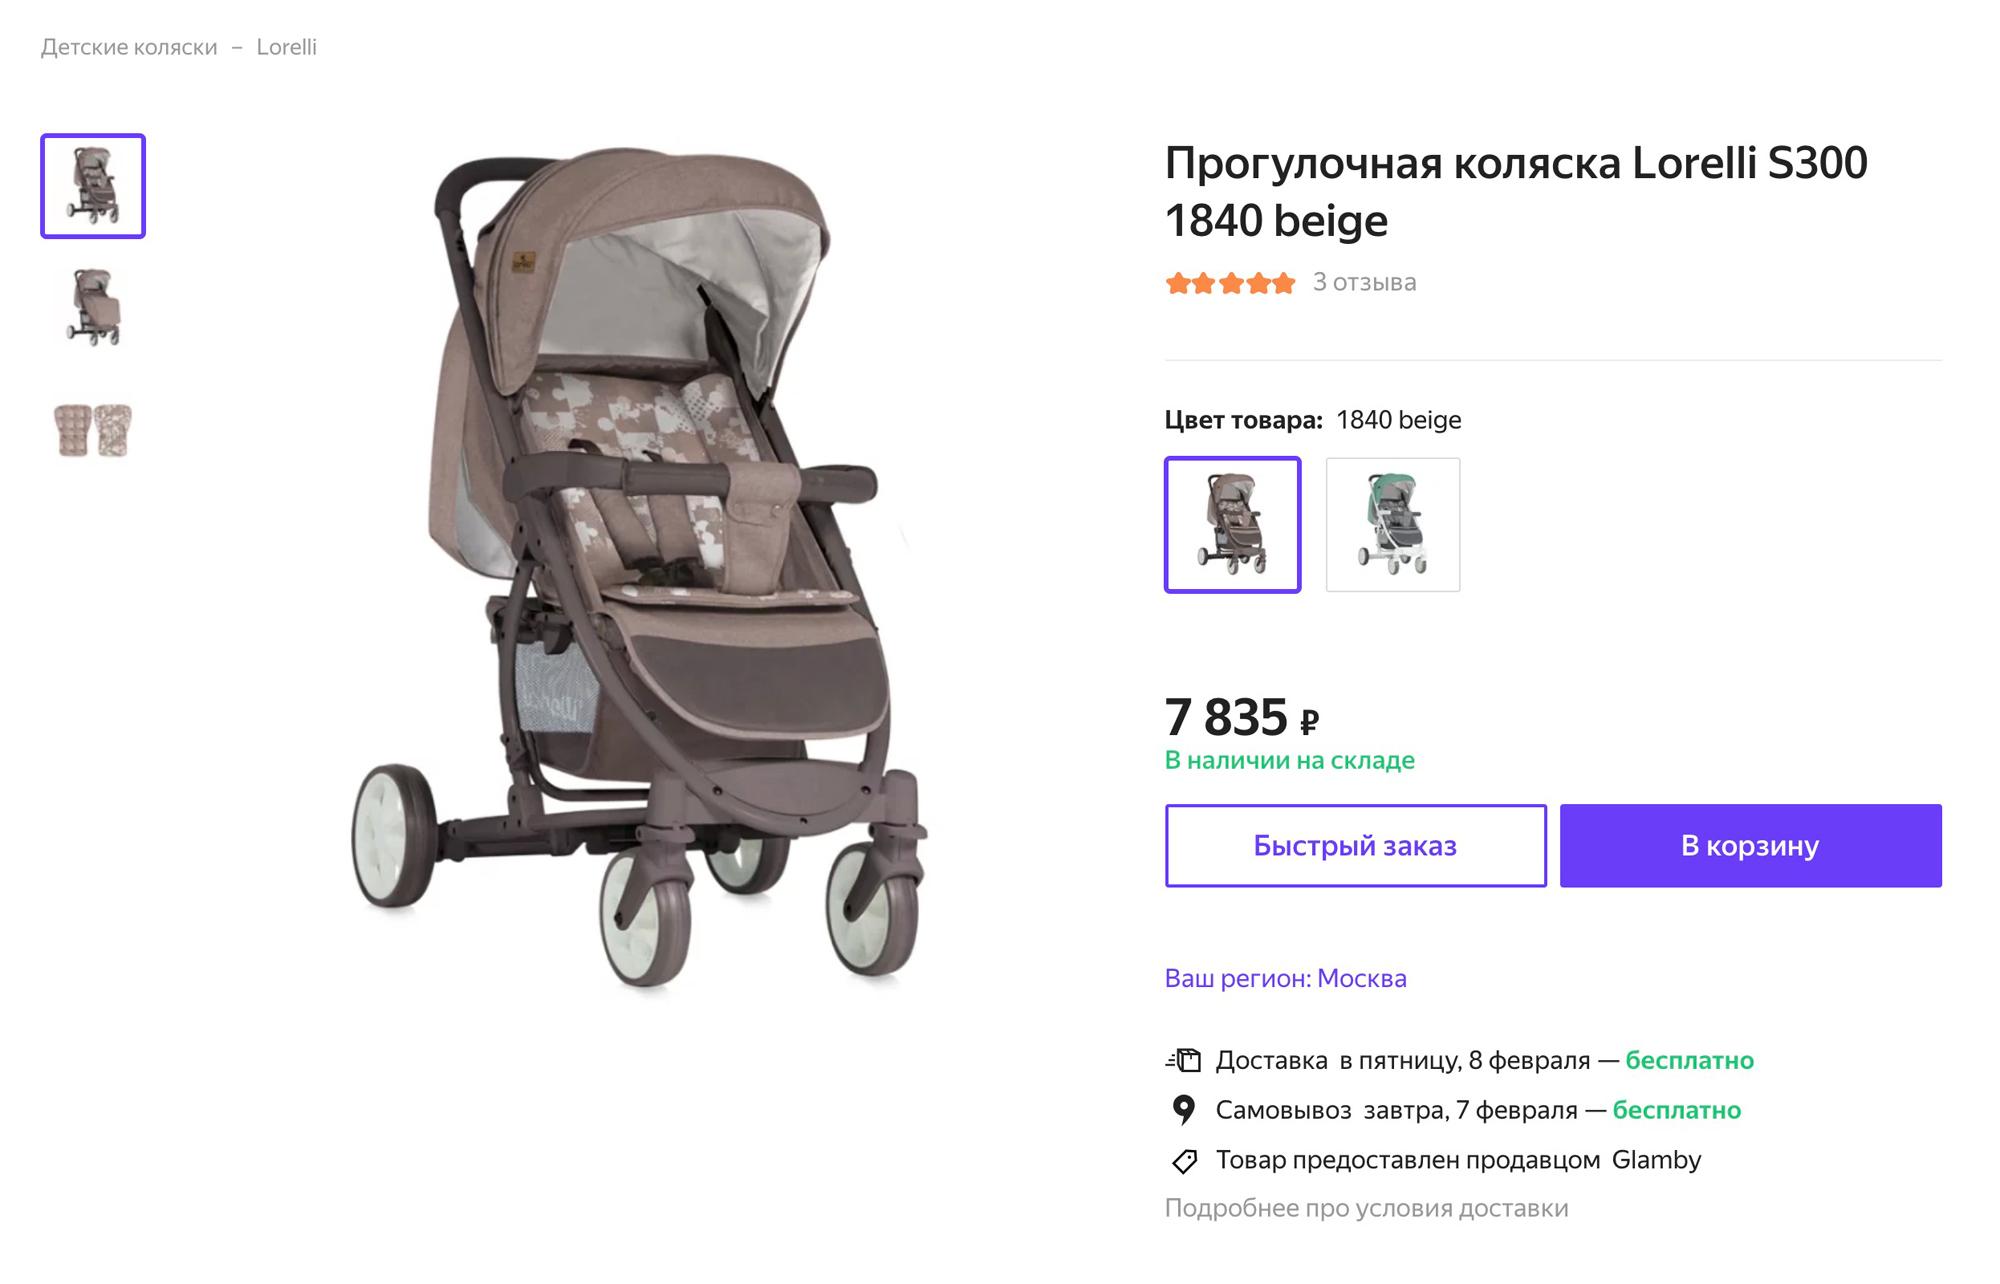 Коляска продается на сайте «Беру», но продавец этого товара — какой-то Glamby без ссылки на сайт. На самом деле Glamby — это ООО «Мегаторг» с уставным капиталом 10 тысяч рублей